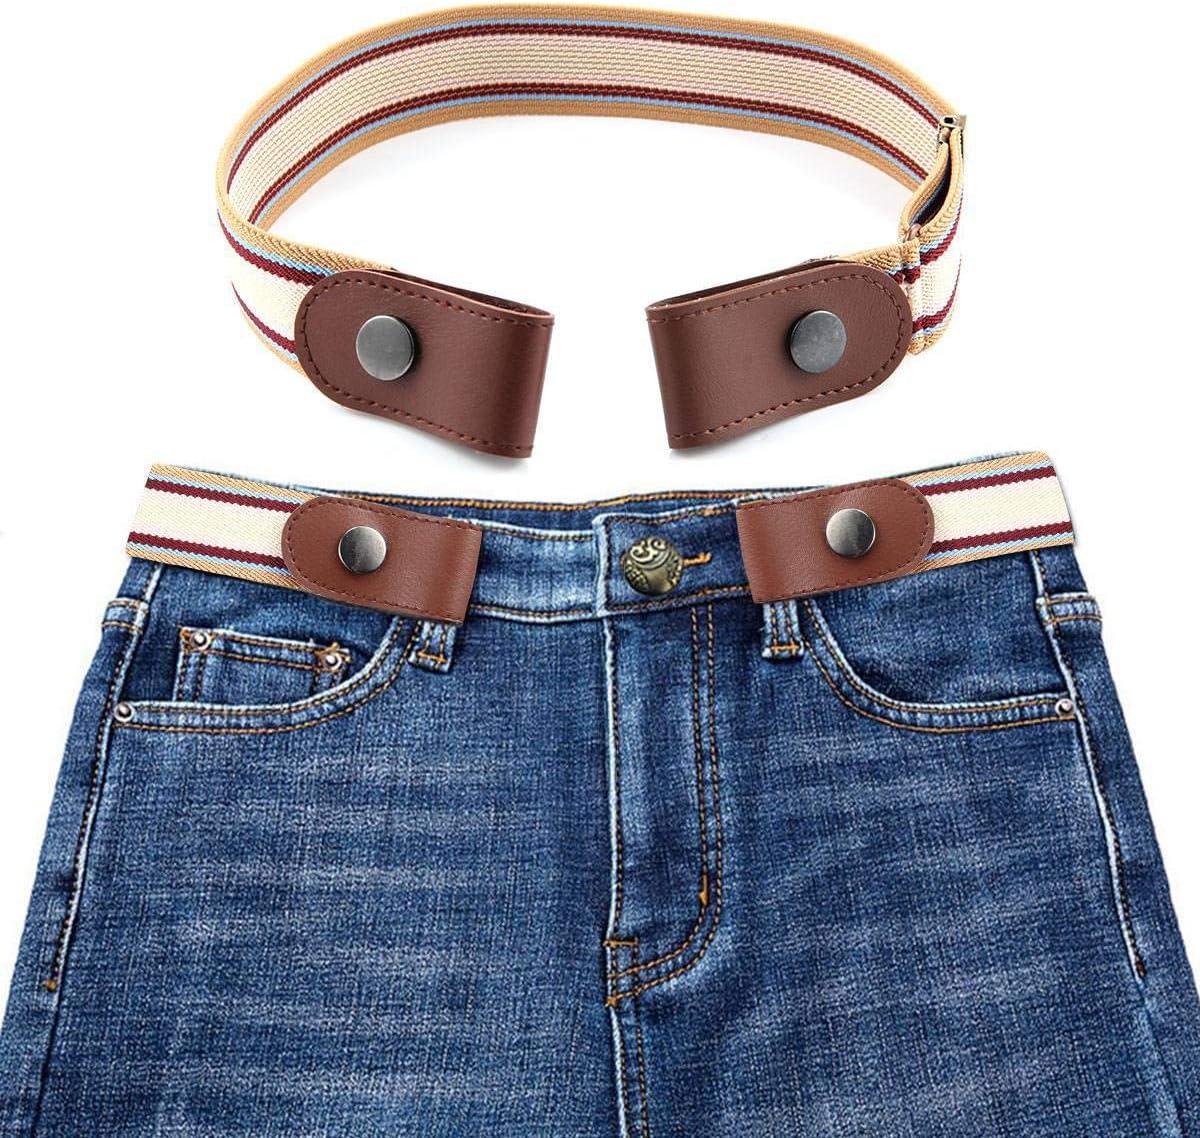 KOBWA cinturón elástico sin Hebilla, para Mujeres, Hombres, niños, Mujeres, sin Hebilla, cinturón elástico para Pantalones Vaqueros, Vestidos, cinturón Invisible, sin bultos, sin complicaciones